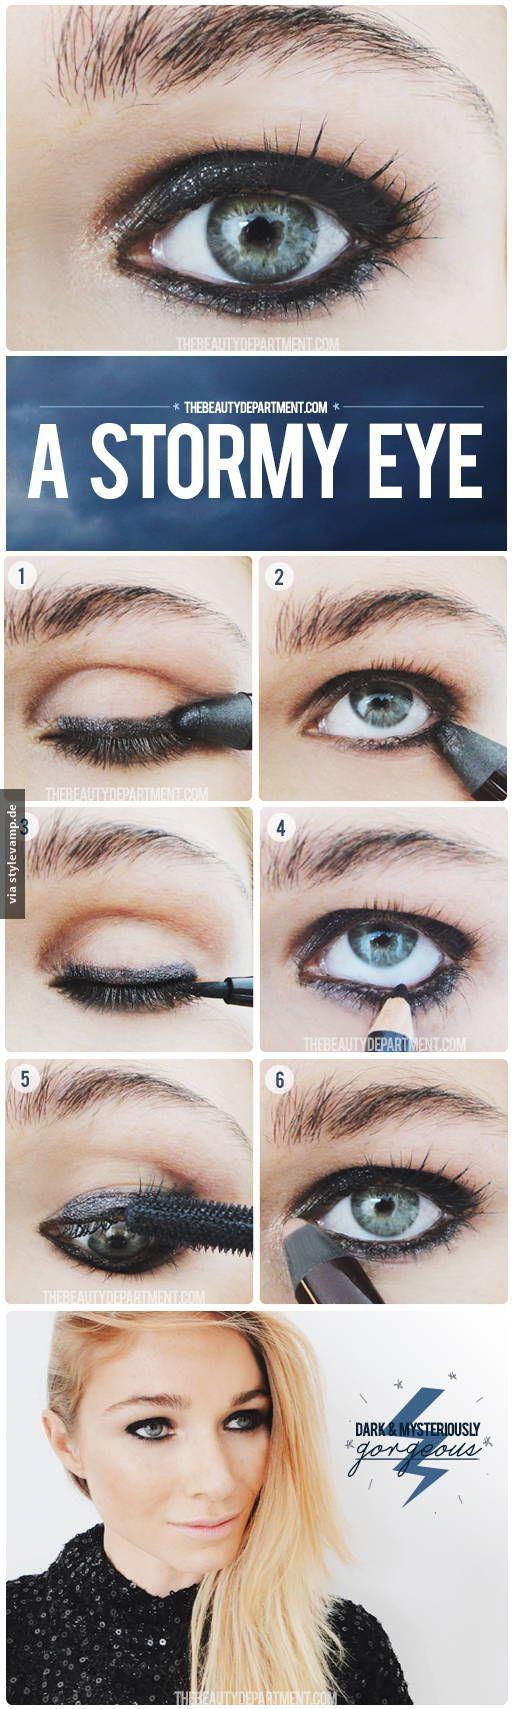 Story Eye Make-Up